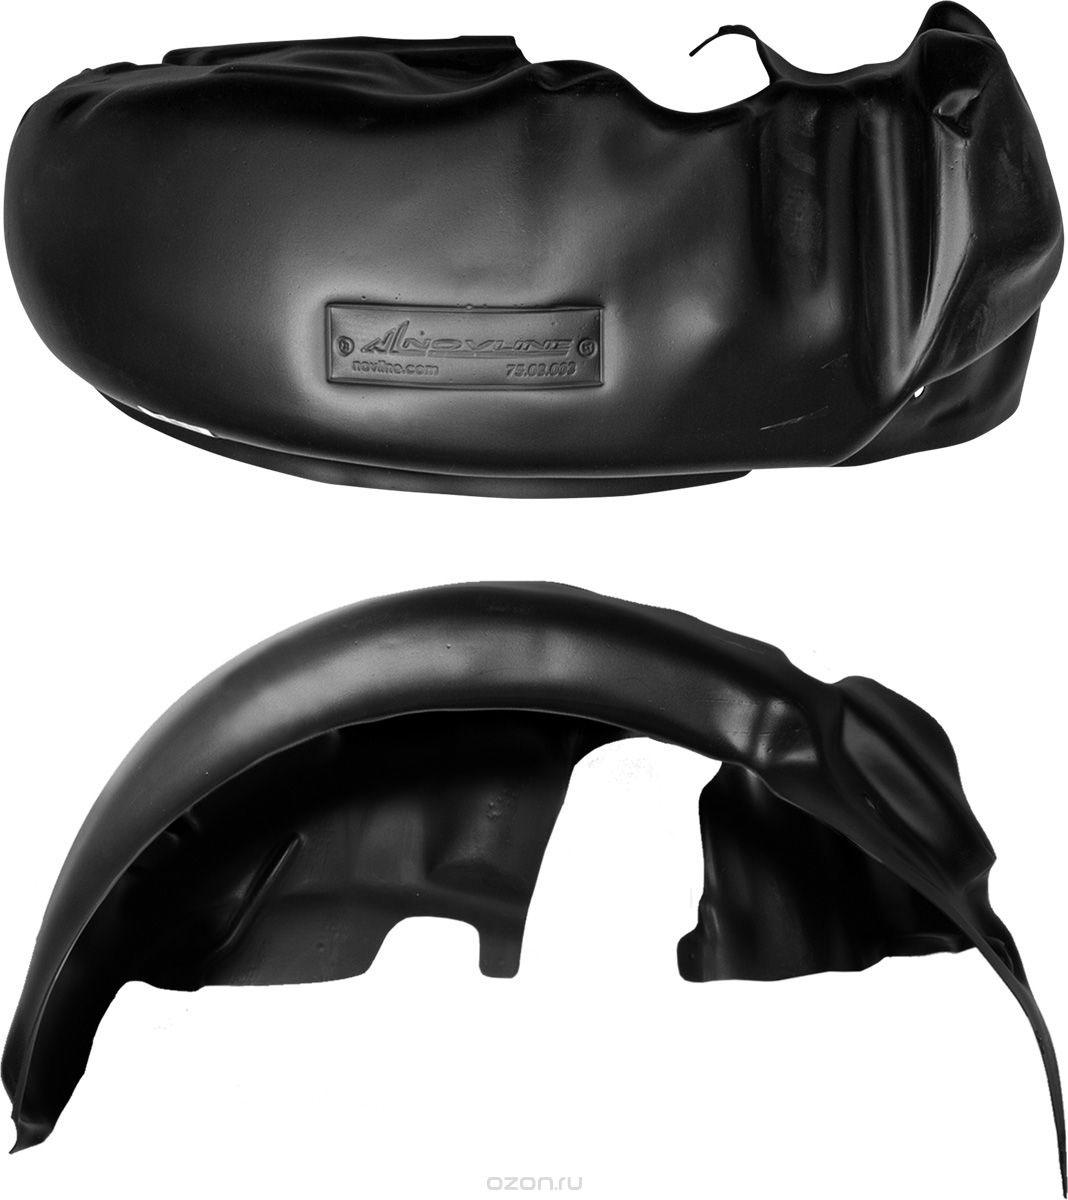 Подкрылок Novline-Autofamily, для NISSAN Juke 4WD, 2010-2014, 2014->, задний правыйNLL.36.36.004Идеальная защита колесной ниши. Локеры разработаны с применением цифровых технологий, гарантируют максимальную повторяемость поверхности арки. Изделия устанавливаются без нарушения лакокрасочного покрытия автомобиля, каждый подкрылок комплектуется крепежом. Уважаемые клиенты, обращаем ваше внимание, что фотографии на подкрылки универсальные и не отражают реальную форму изделия. При этом само изделие идет точно под размер указанного автомобиля.